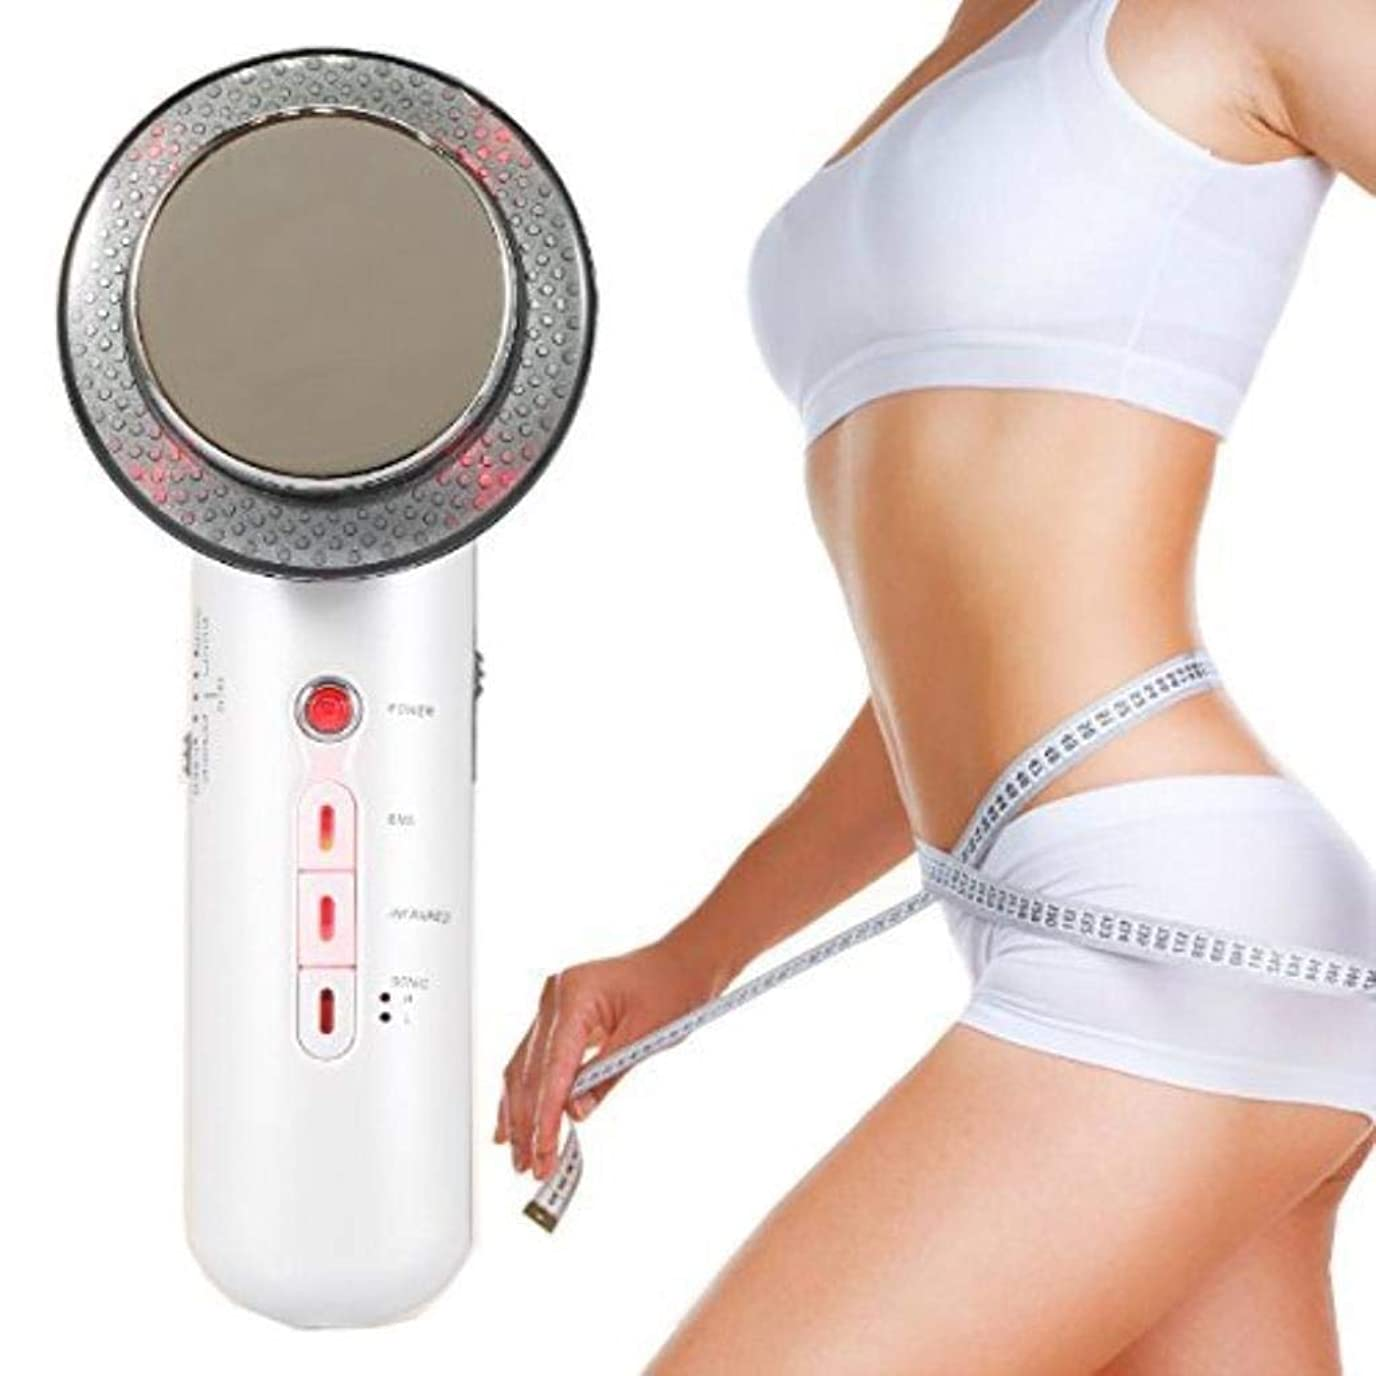 ホームレス温度計ゴージャスボディ痩身マシンフェイス若返り美容マッサージキャビテーションマシン脂肪セルライト除去機